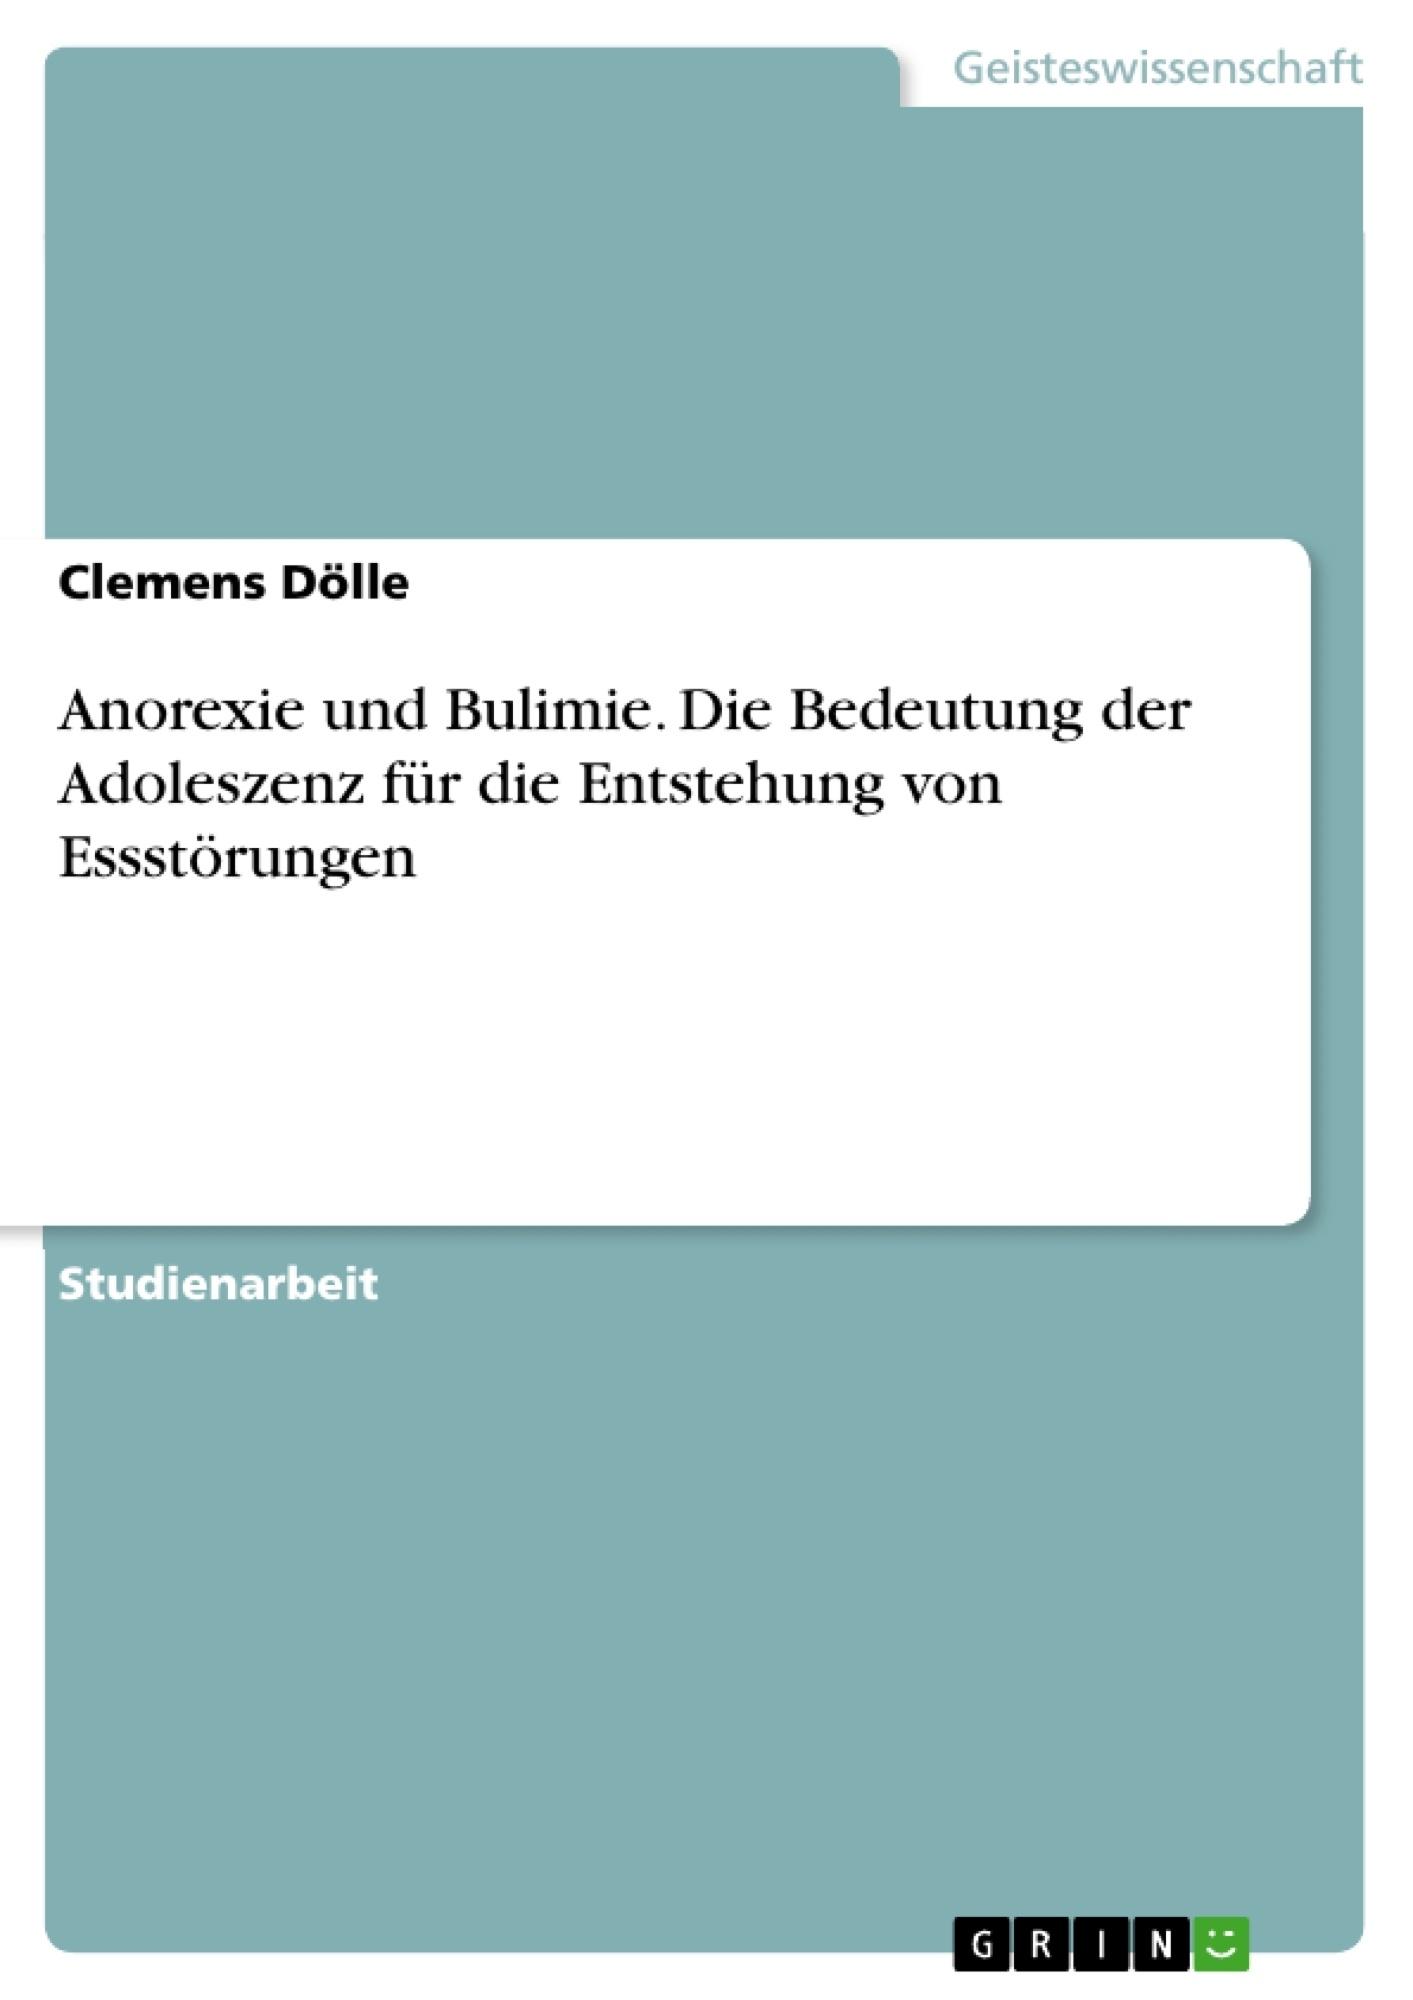 Titel: Anorexie und Bulimie. Die Bedeutung der Adoleszenz für die Entstehung von Essstörungen